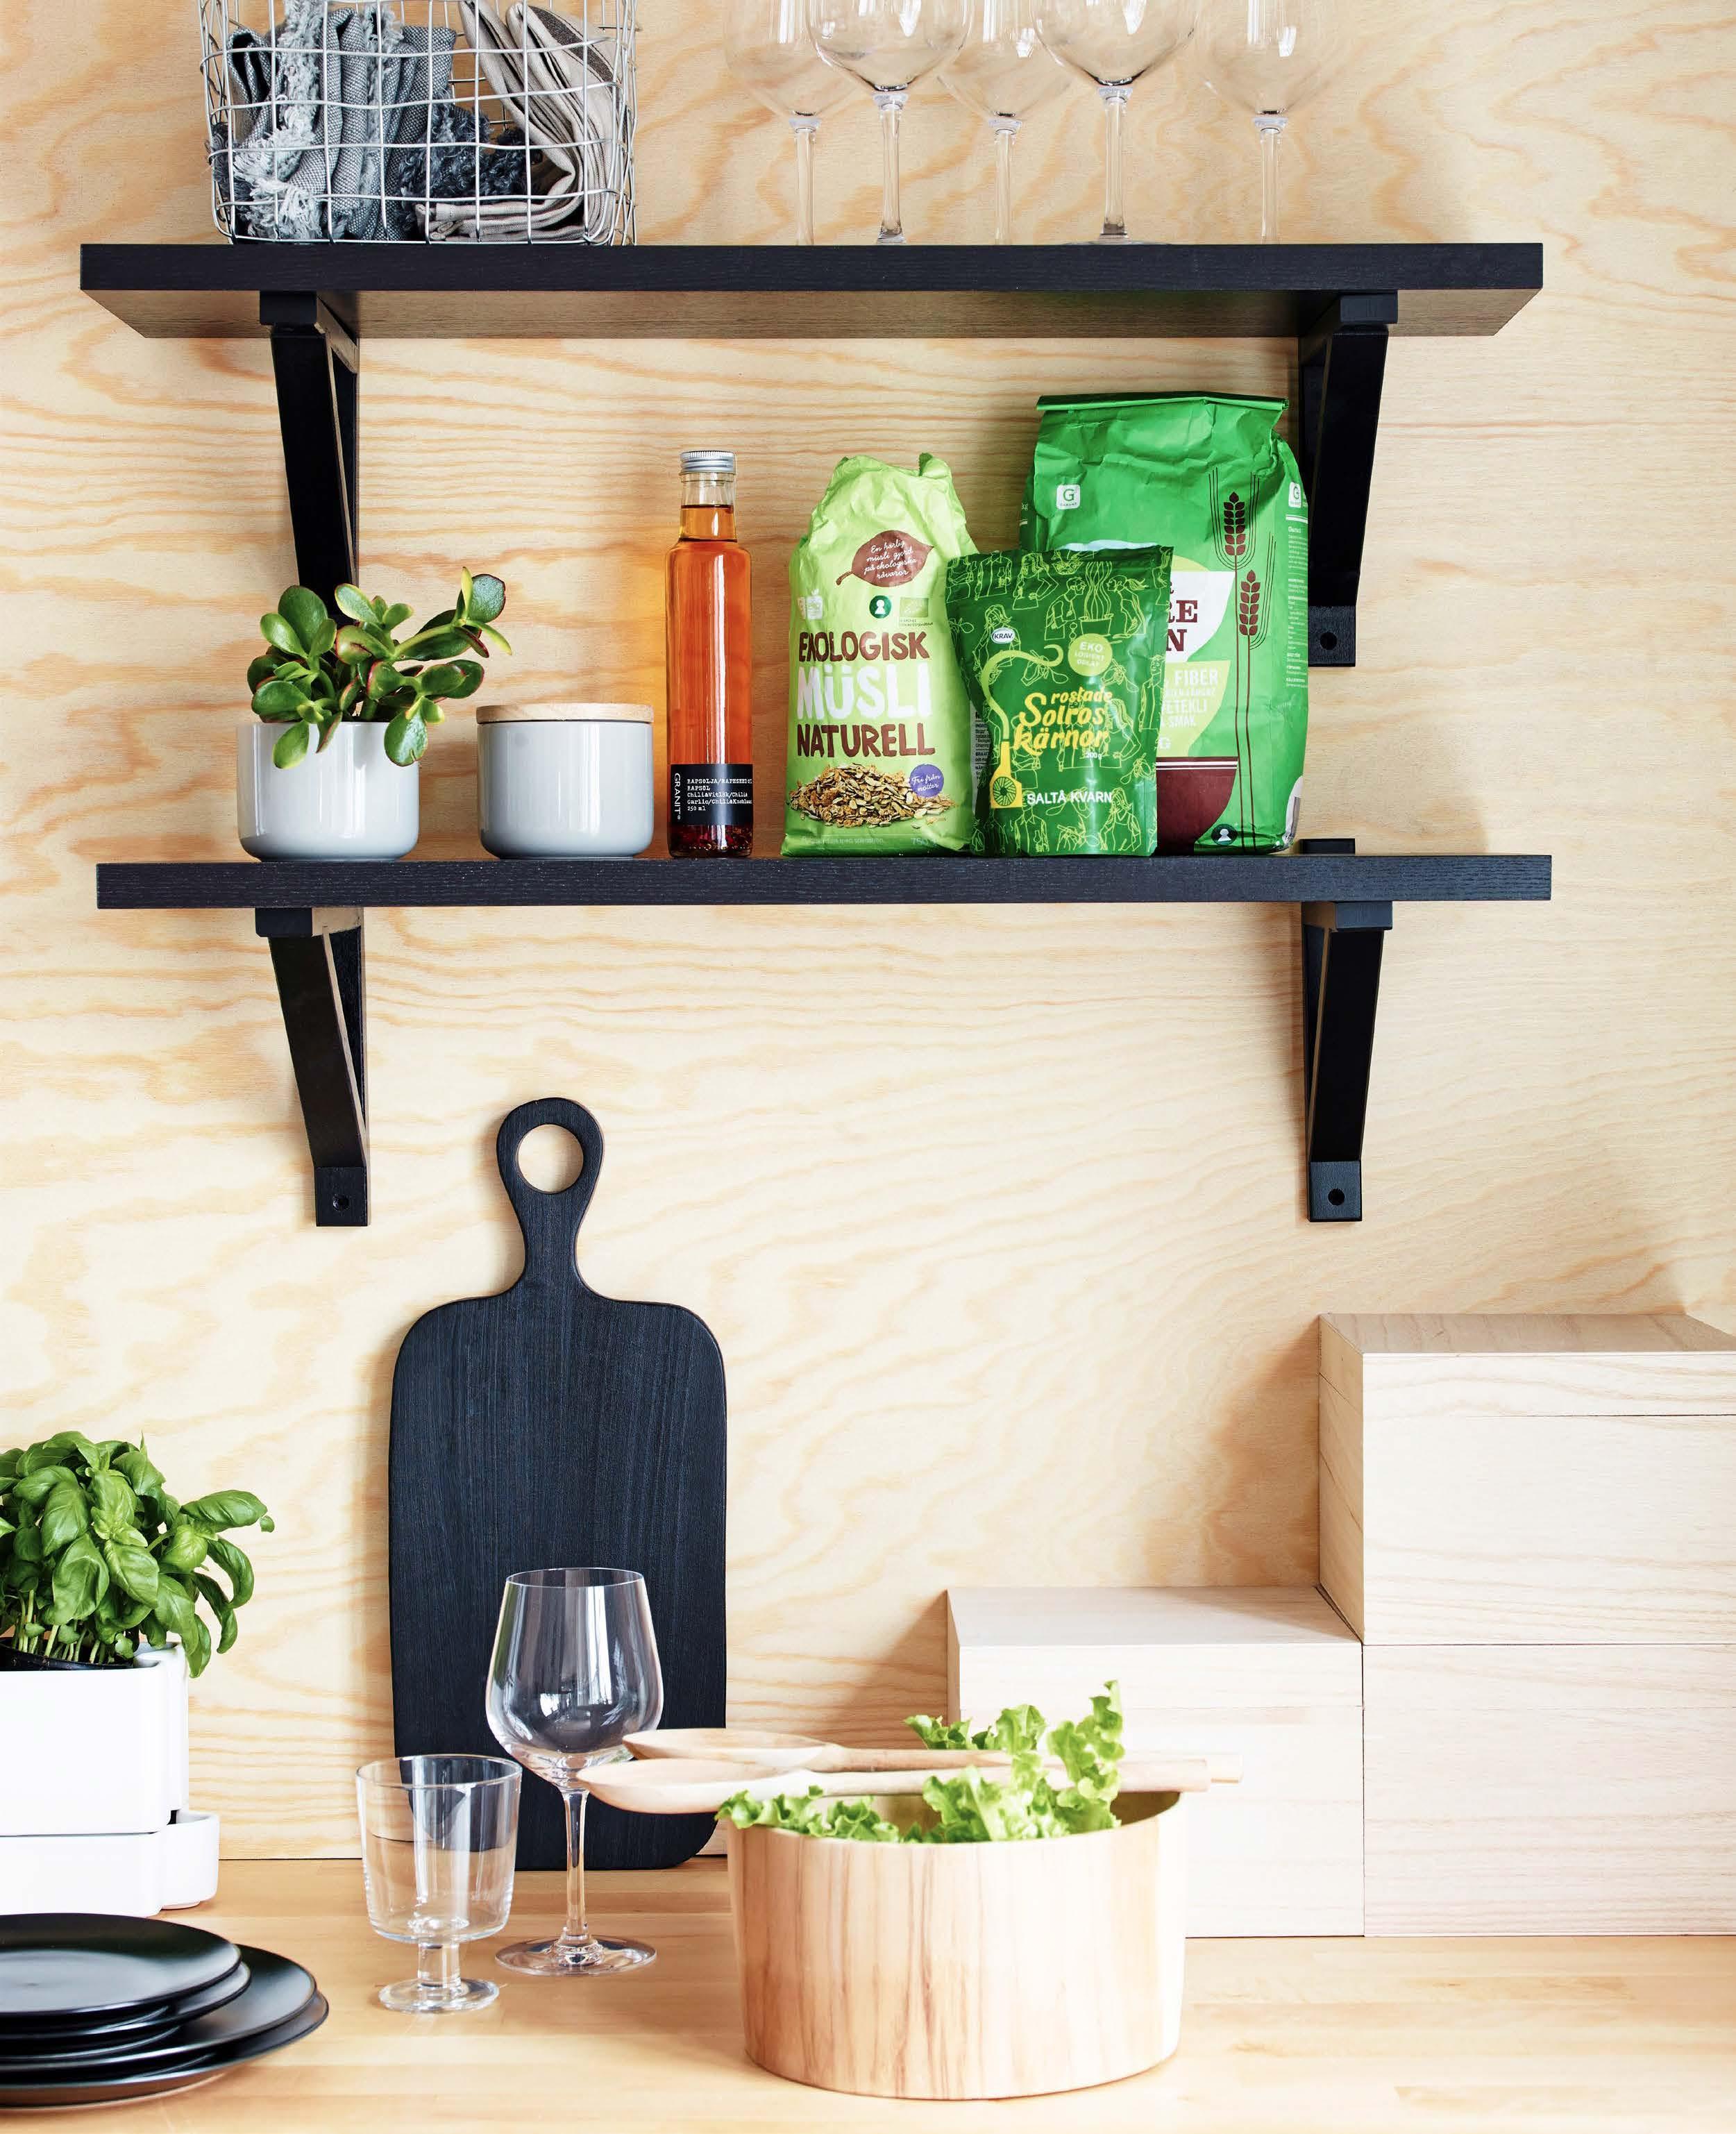 Sobert svart och minimalistiskt k̦k Рs̴ fixar du stilen Рhus & hem